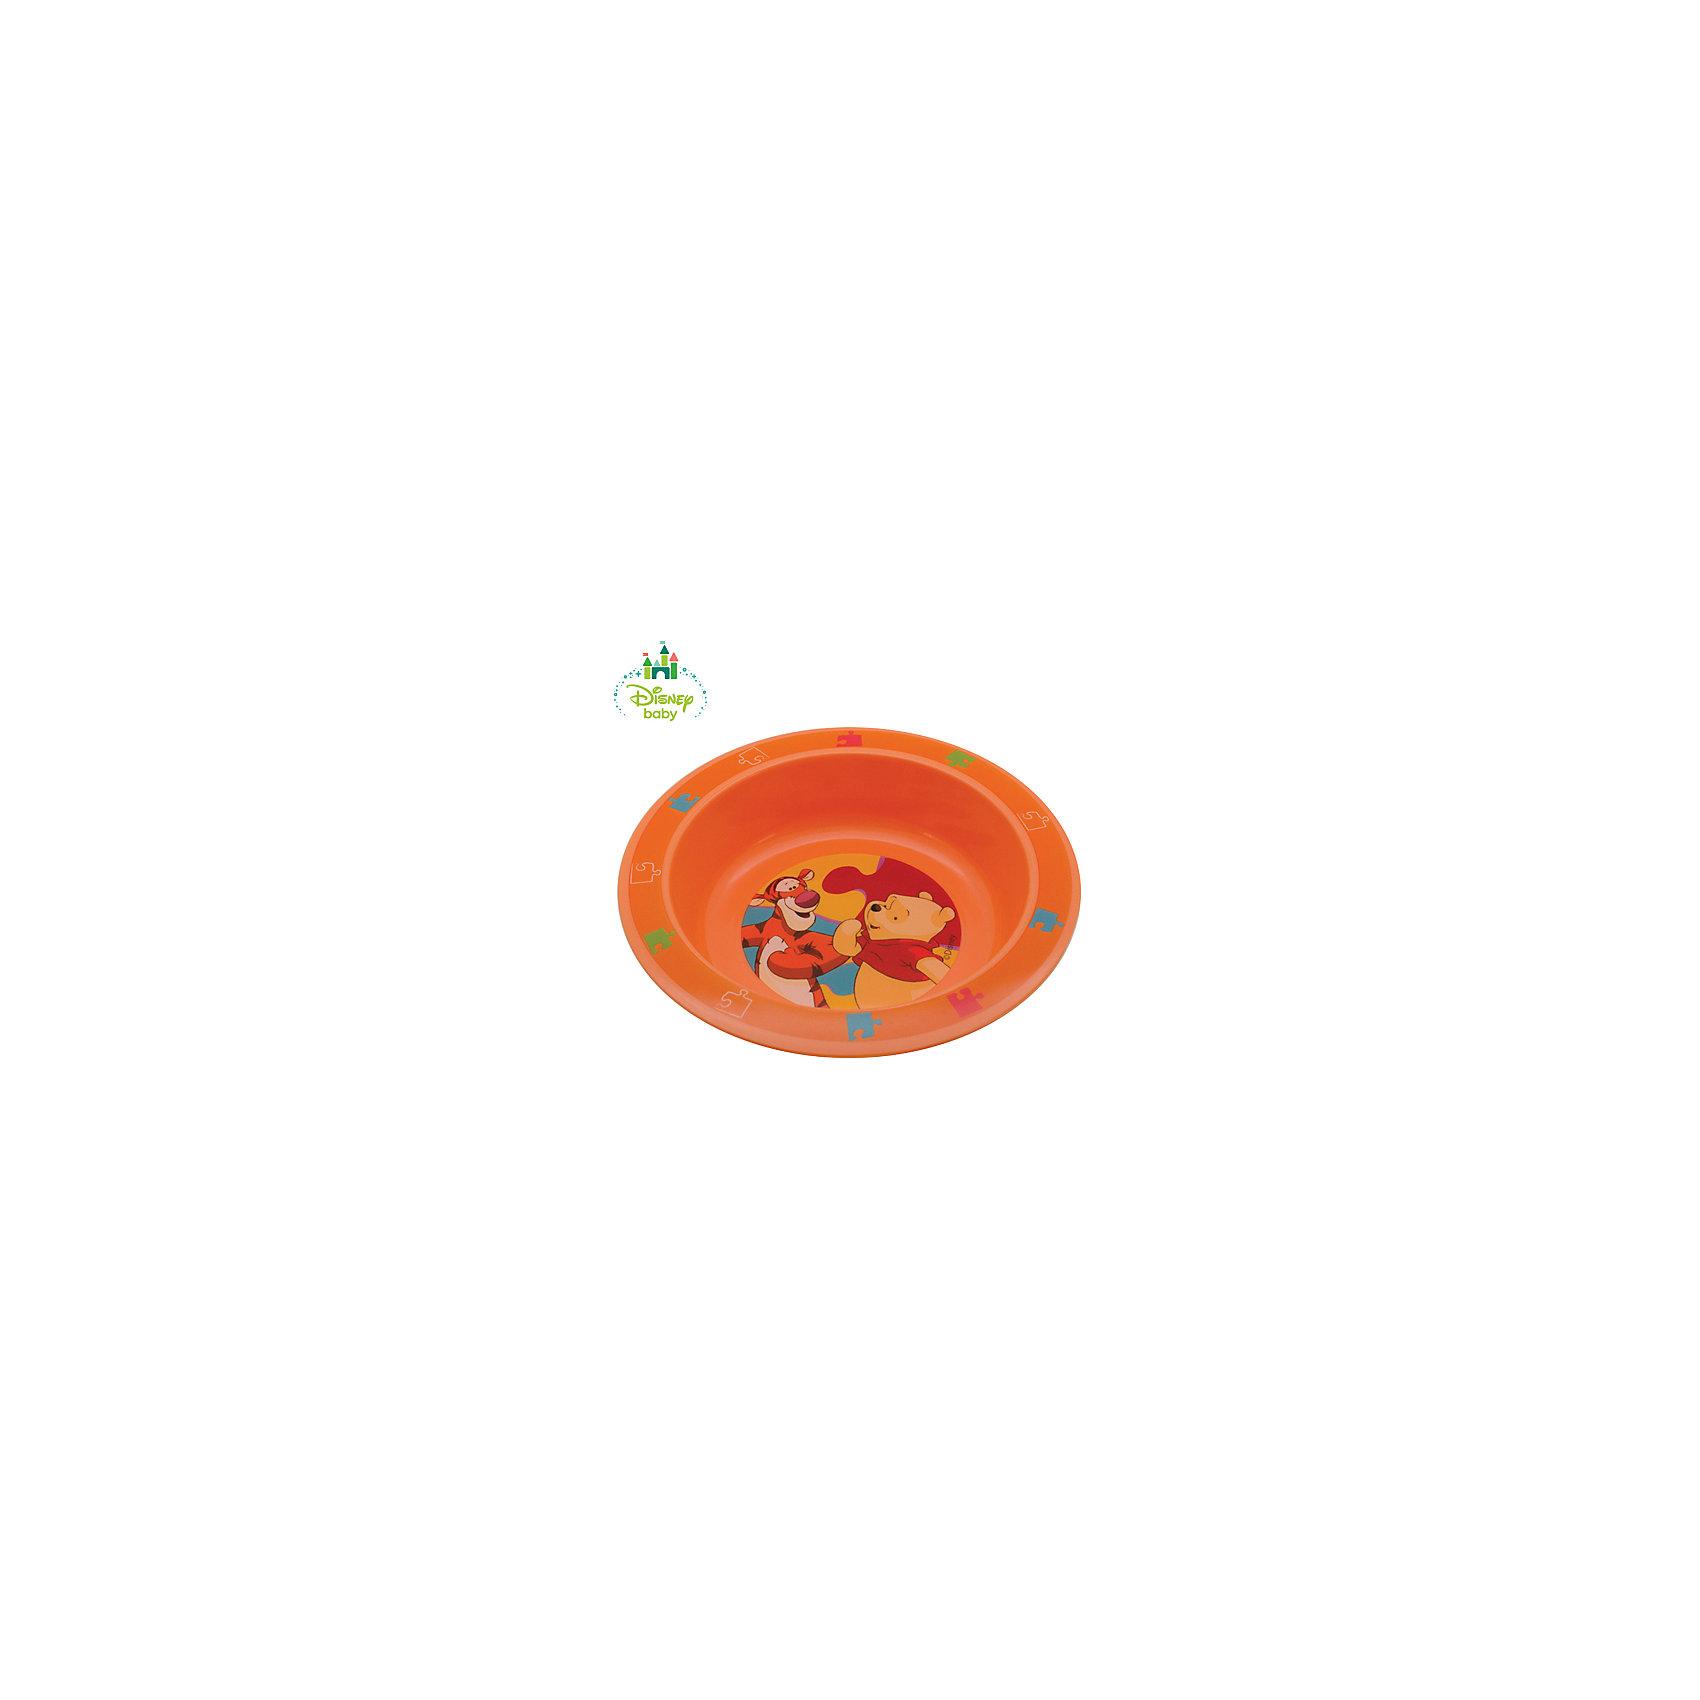 Тарелка Медвежонок Винни DISNEY от 6 мес., LUBBY, оранжевыйПосуда для малышей<br>Тарелка Медвежонок Винни DISNEY от 6 мес., LUBBY, оранжевый.<br><br>Характеристики:<br><br>- Размер: 17,5х3 см.<br>- Цвет: оранжевый<br>- Материал: полипропилен<br>- Размер упаковки: 45х210х177 мм.<br>- Срок службы: 1 год<br><br>Тарелка Медвежонок Винни выполнена из высококачественного пищевого полипропилена - нетоксичного и безопасного для здоровья малыша материала. Глубина тарелки позволяет кушать из нее супы, кашки и различные жидкие по консистенции блюда. Нарисованный на дне тарелки забавный Винни Пух побуждает малыша доесть до конца и превращает прием пищи в игру.<br><br>Тарелку Медвежонок Винни DISNEY от 6 мес., LUBBY, оранжевую можно купить в нашем интернет-магазине.<br><br>Ширина мм: 45<br>Глубина мм: 210<br>Высота мм: 177<br>Вес г: 350<br>Возраст от месяцев: 6<br>Возраст до месяцев: 36<br>Пол: Унисекс<br>Возраст: Детский<br>SKU: 5039270